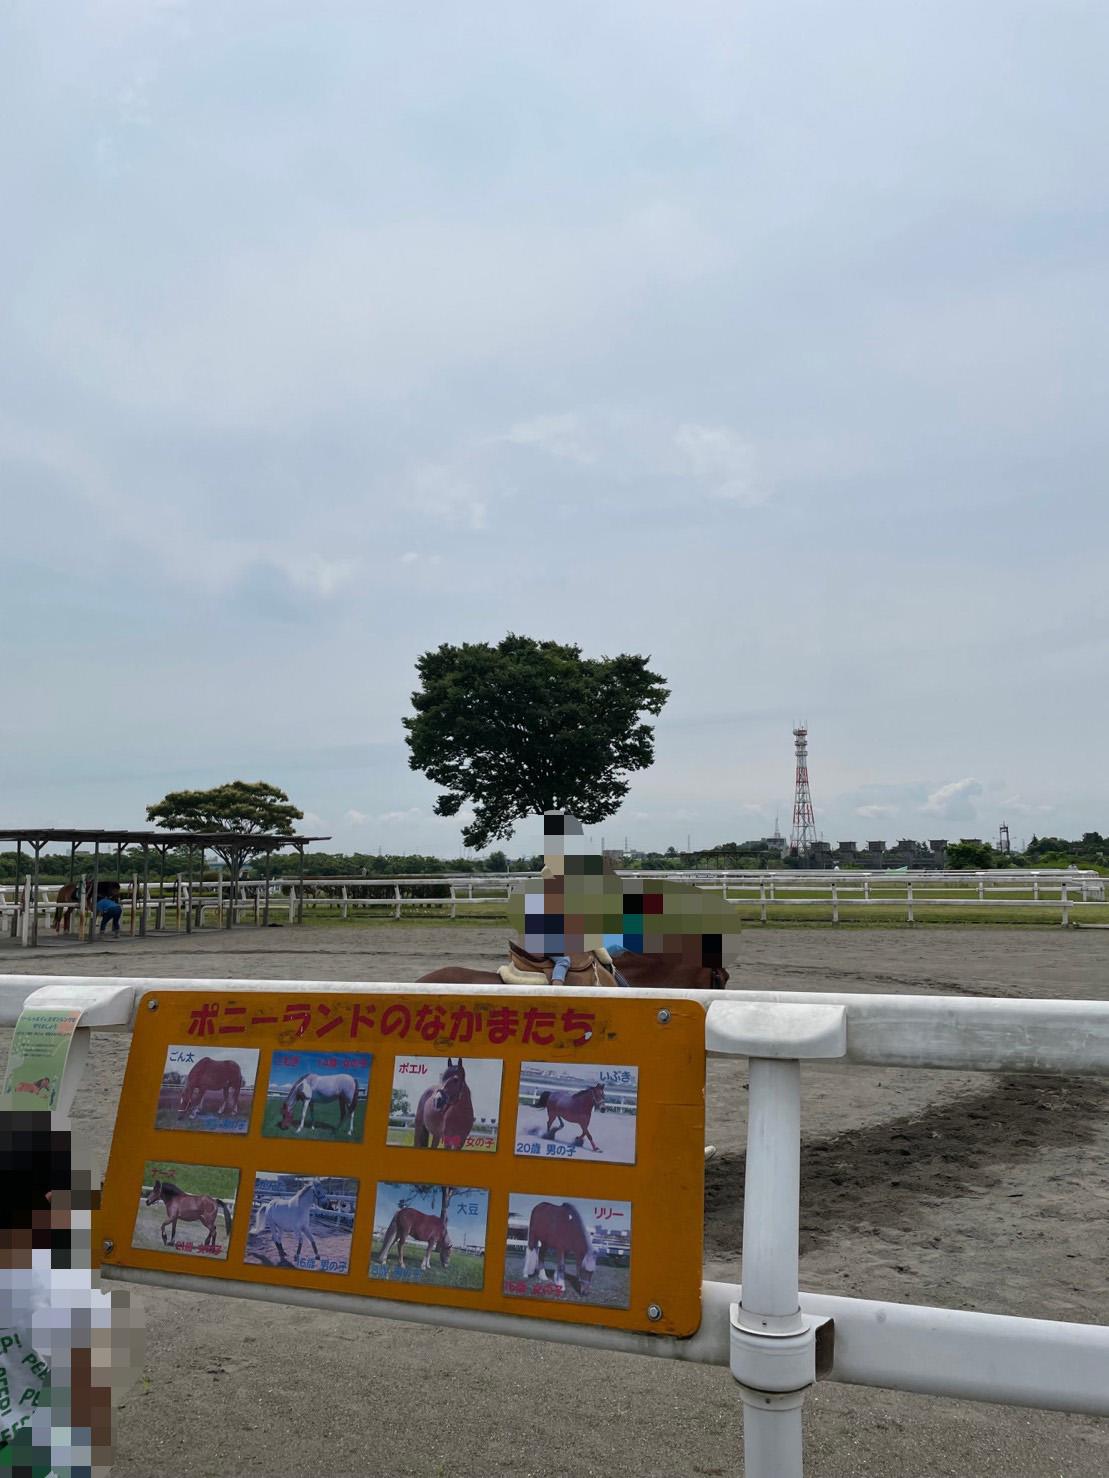 ポニーに乗馬している子どもの写真